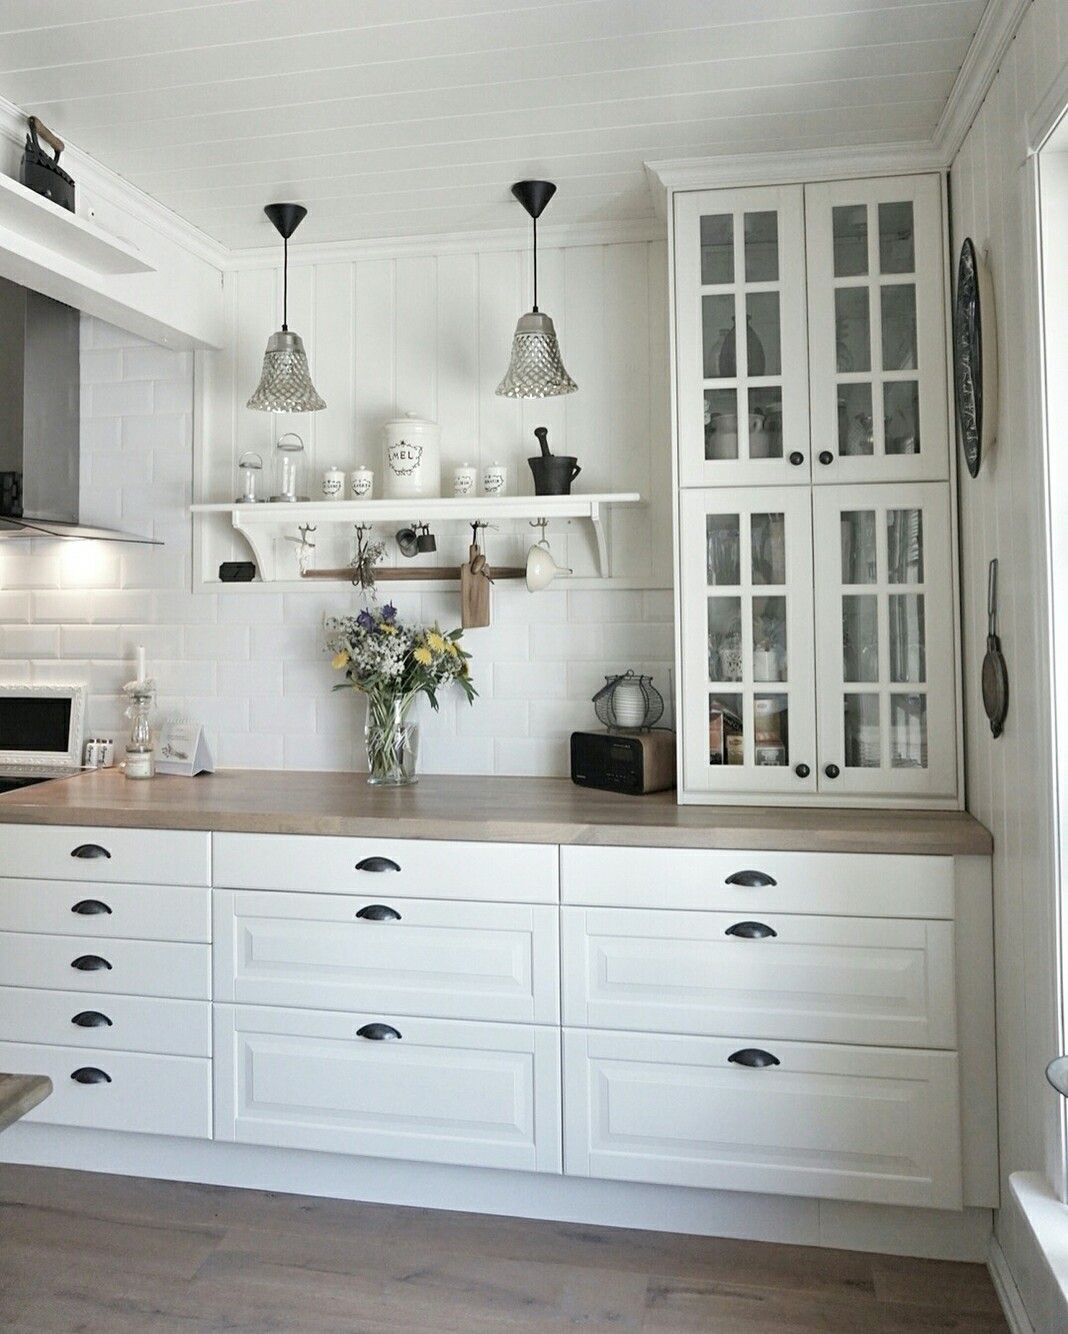 Pin Von Jen Kloek Camp Kloek Auf Kitchen Ideas Ikea Kuche